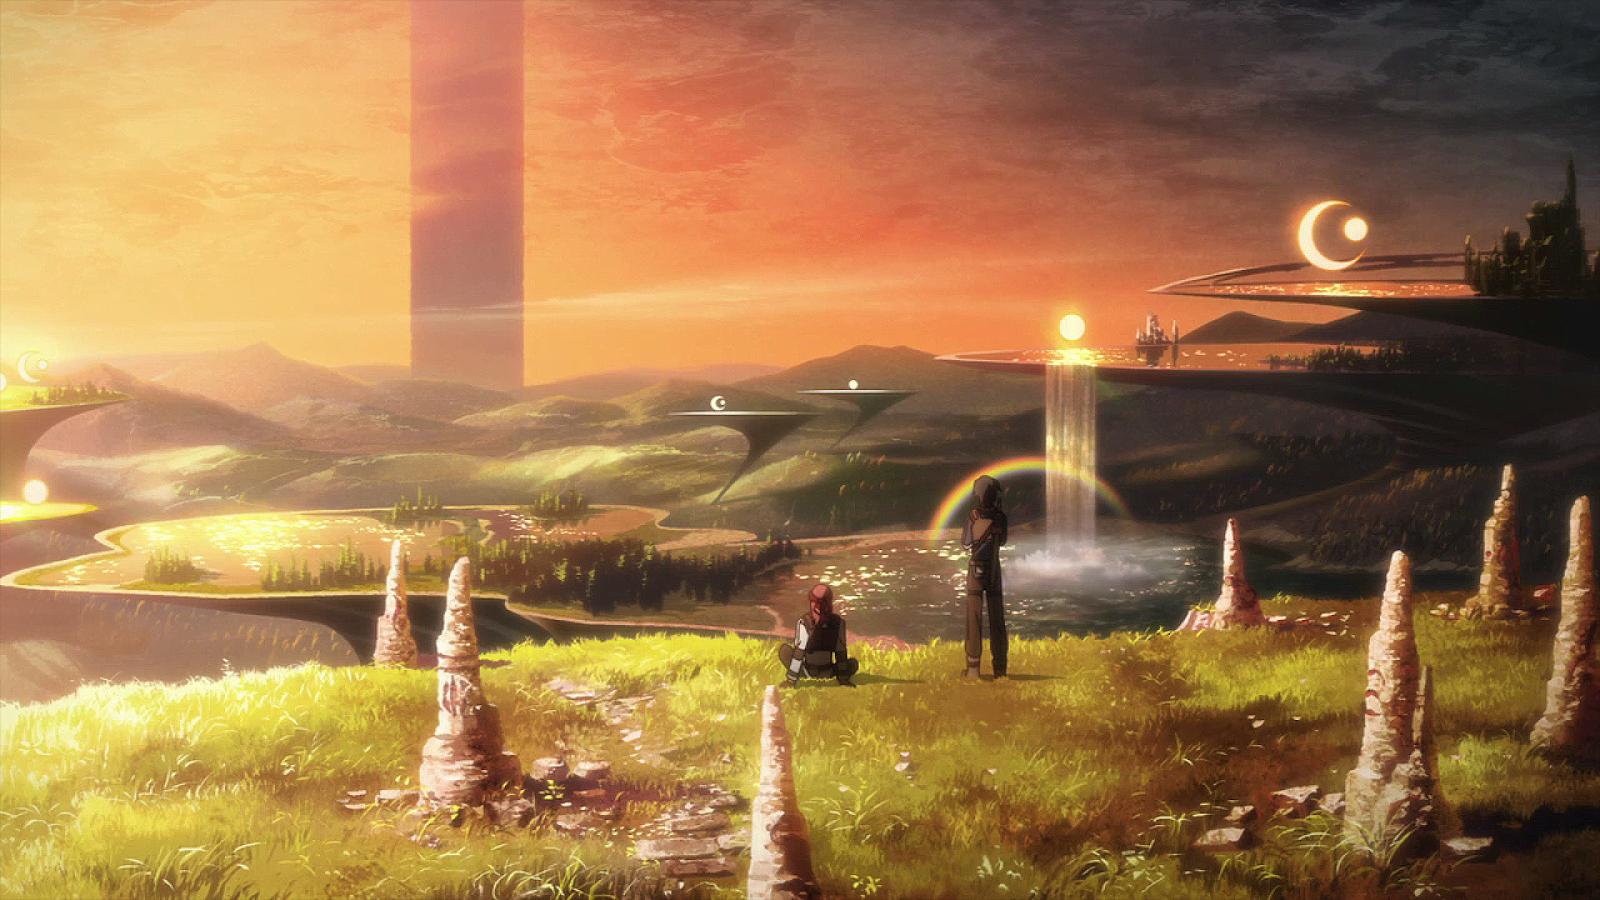 Aincrad, mundo virtual donde se desarrolla la acción de SAO